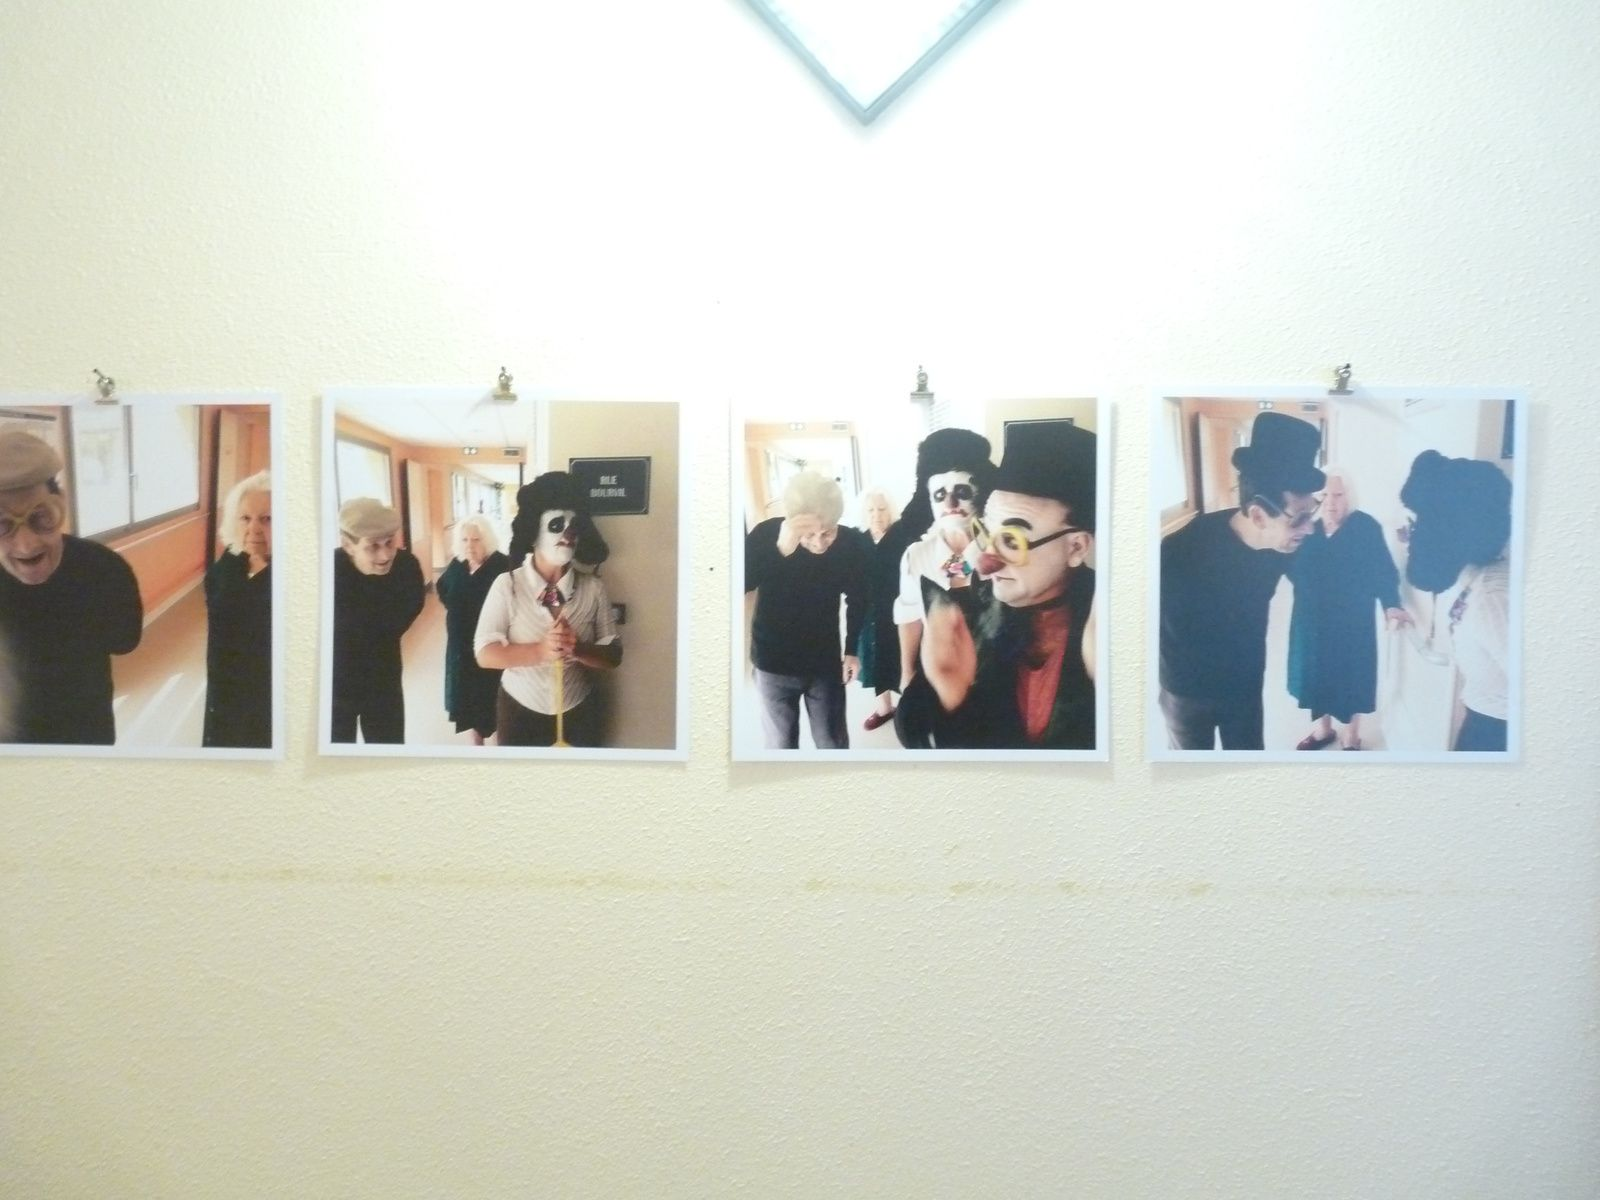 reportage en couleur et portraits en noir et blanc réalisés par la photographe Clothilde.